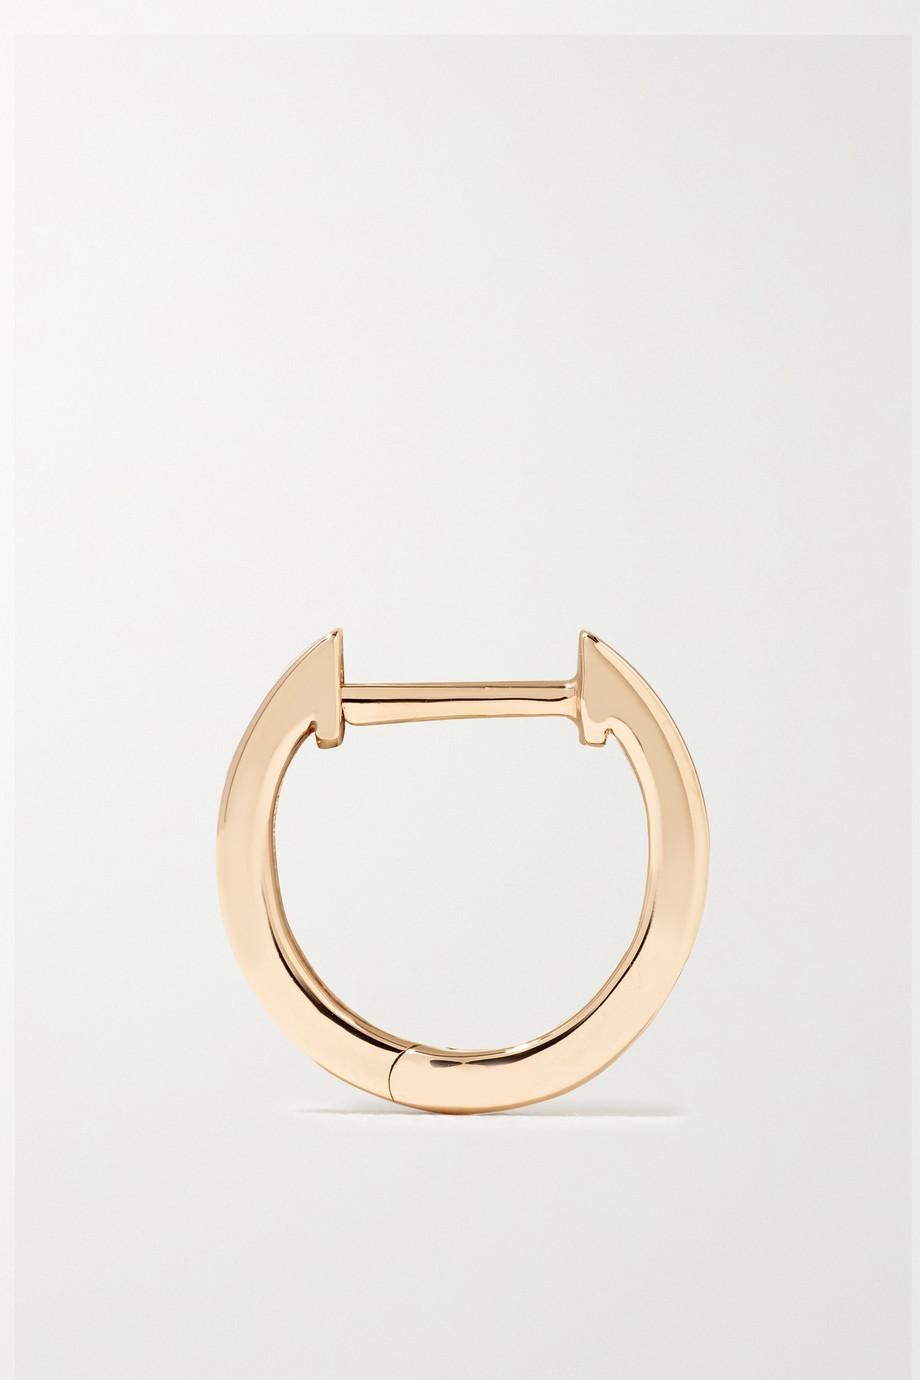 Anita Ko Huggies 18-karat rose gold hoop earrings